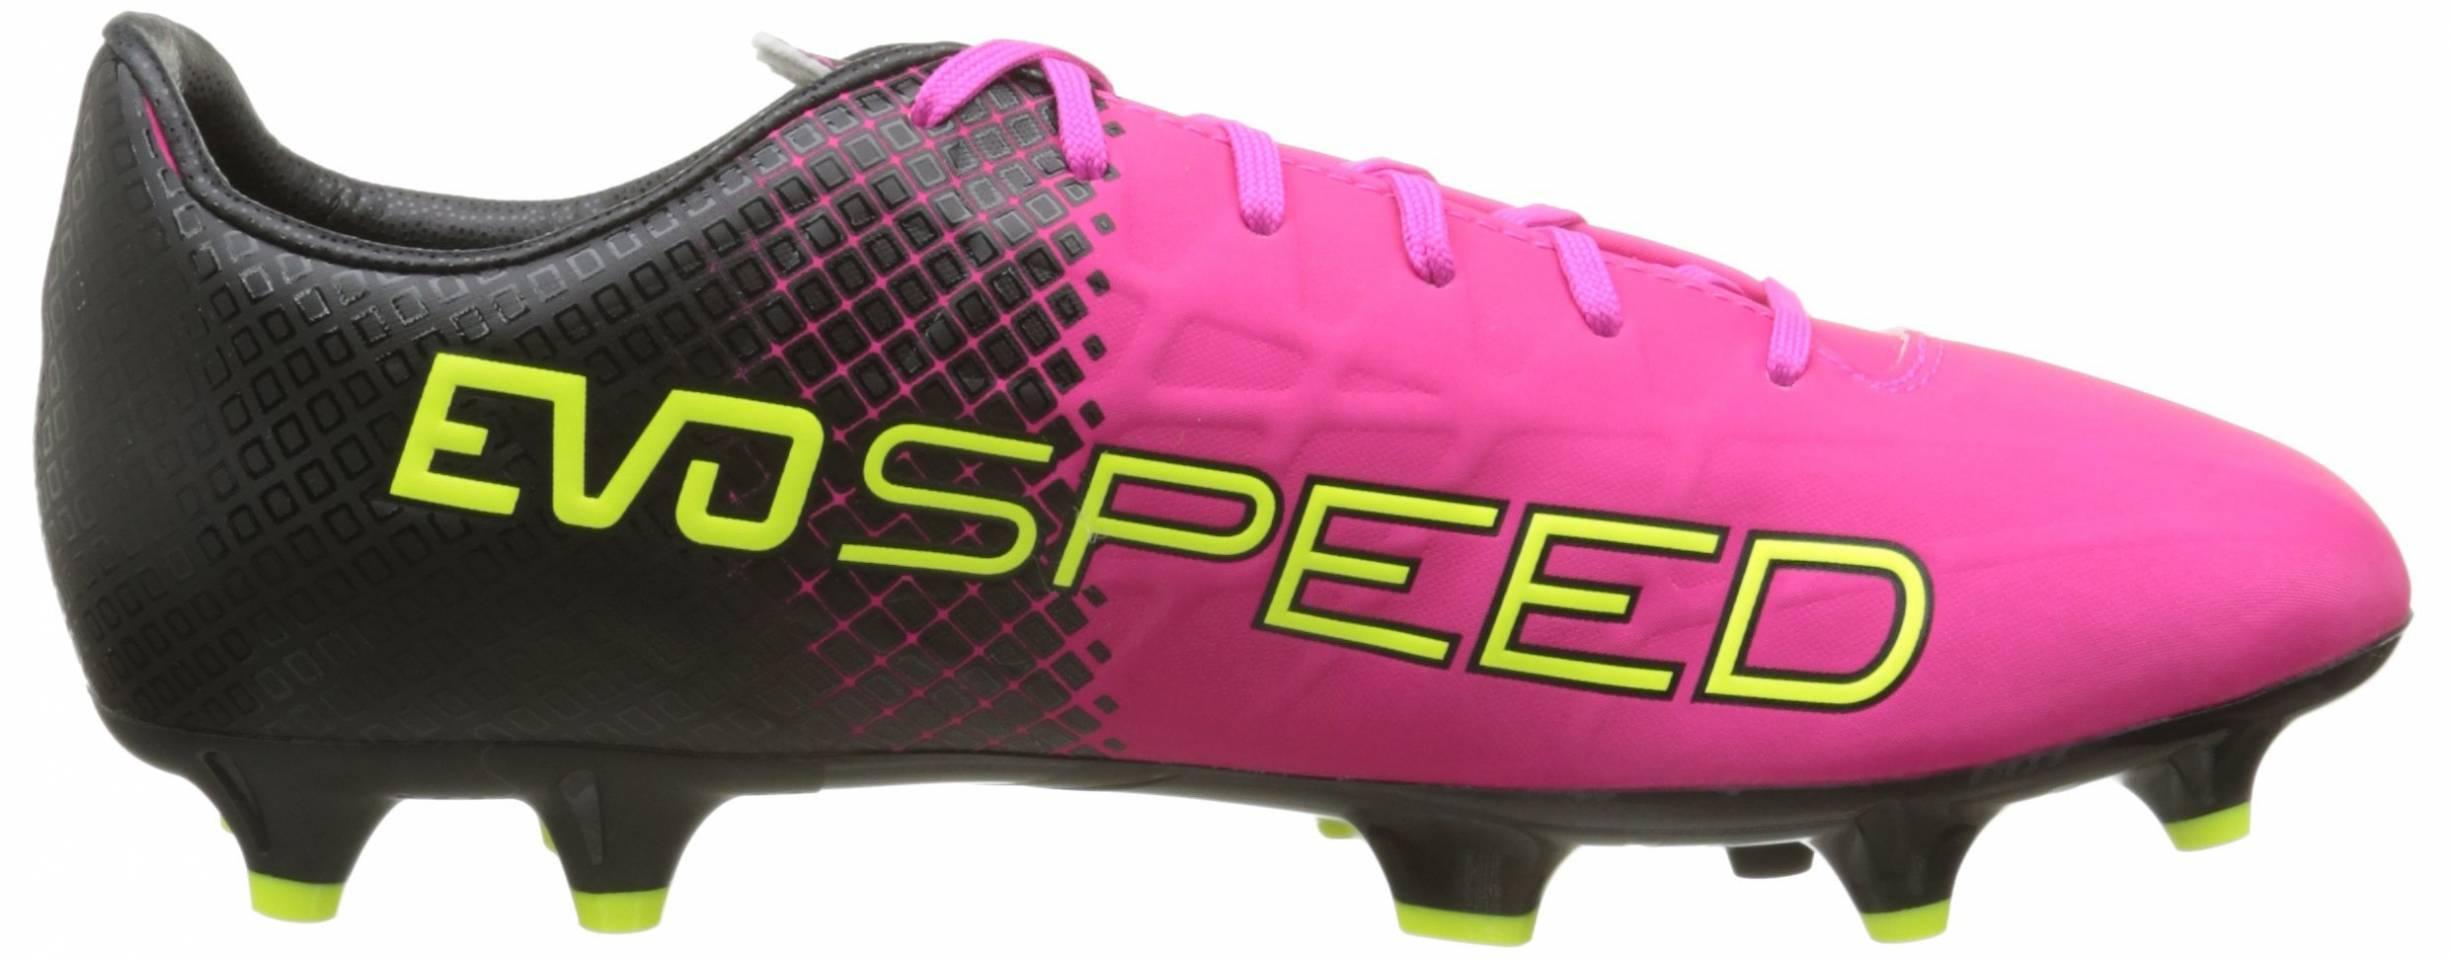 robo Aplicando Empuje  Puma EvoSpeed Soccer Cleats (5 Models in Stock) | RunRepeat